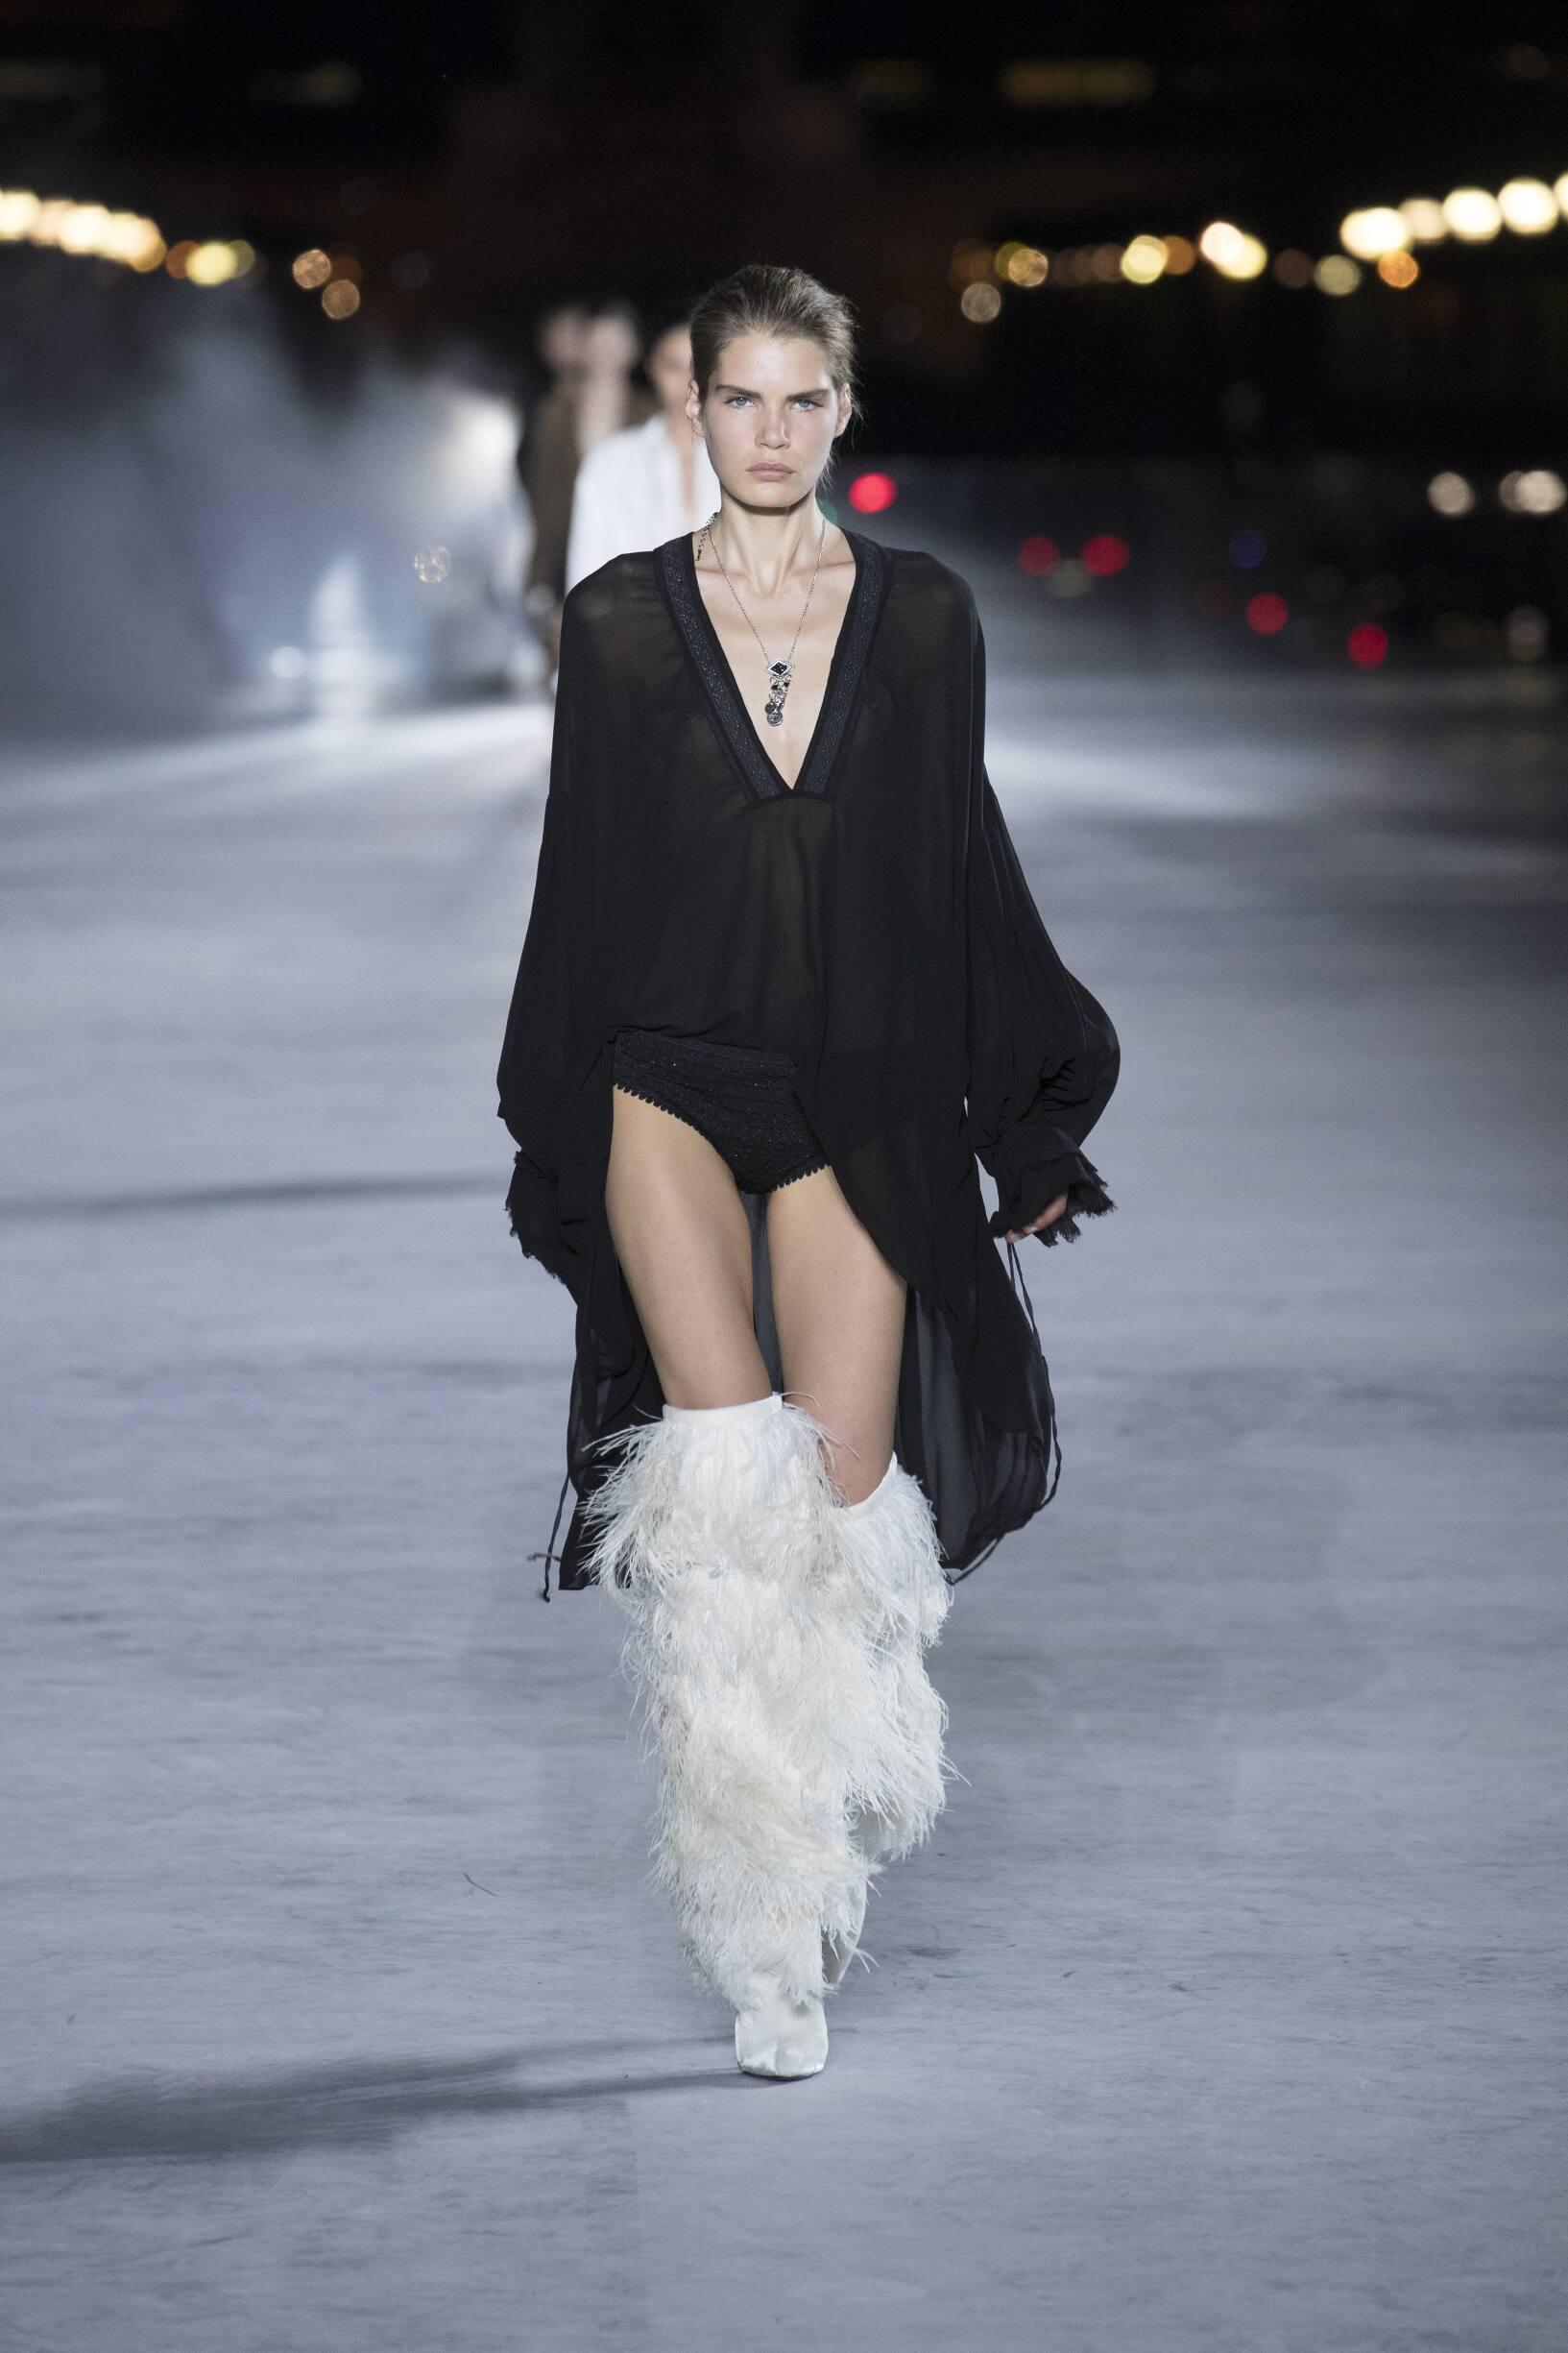 2018 Catwalk Saint Laurent Woman Fashion Show Summer